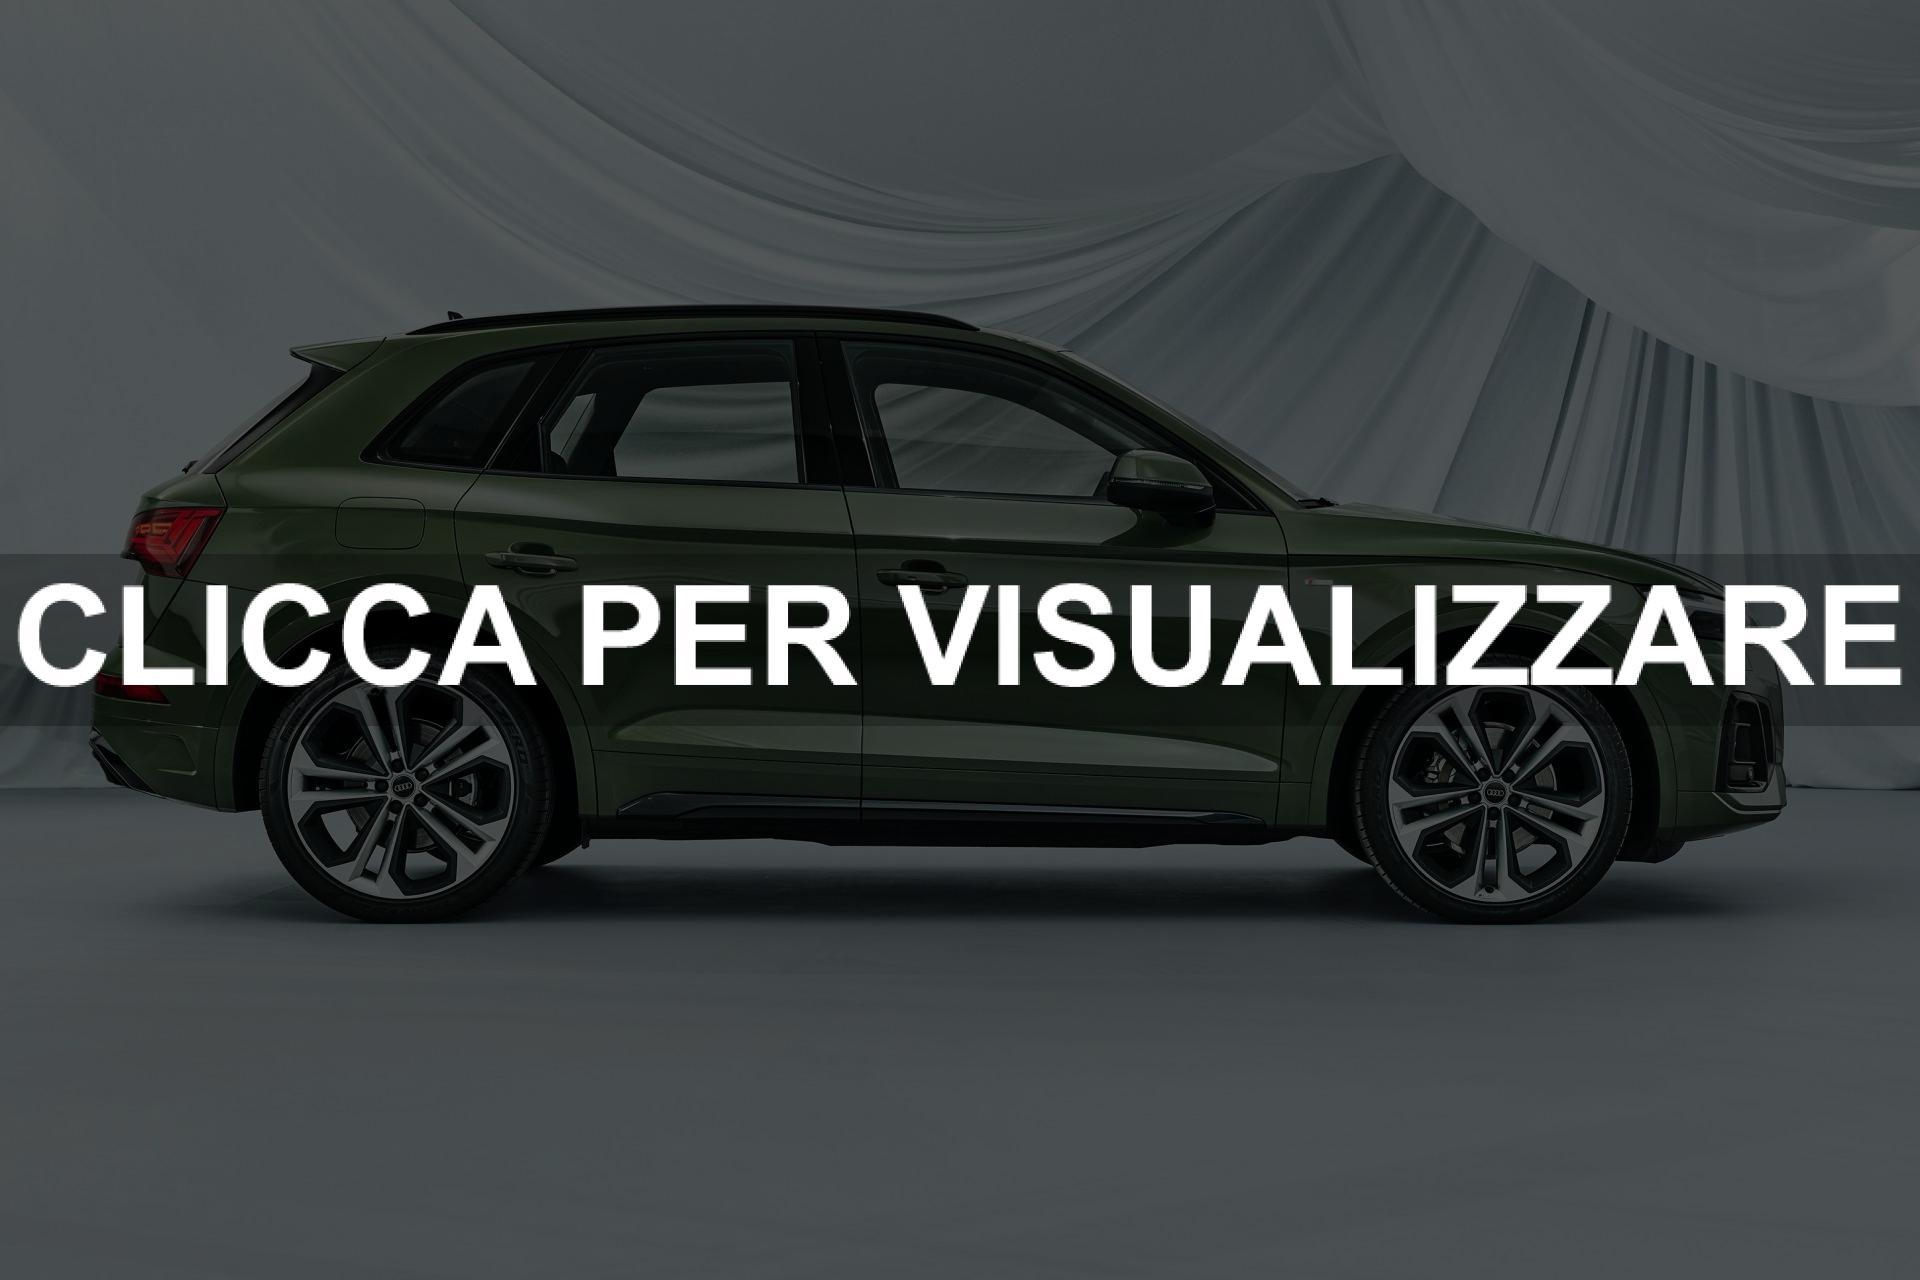 Foto Fiancata nuova Audi Q5 2020